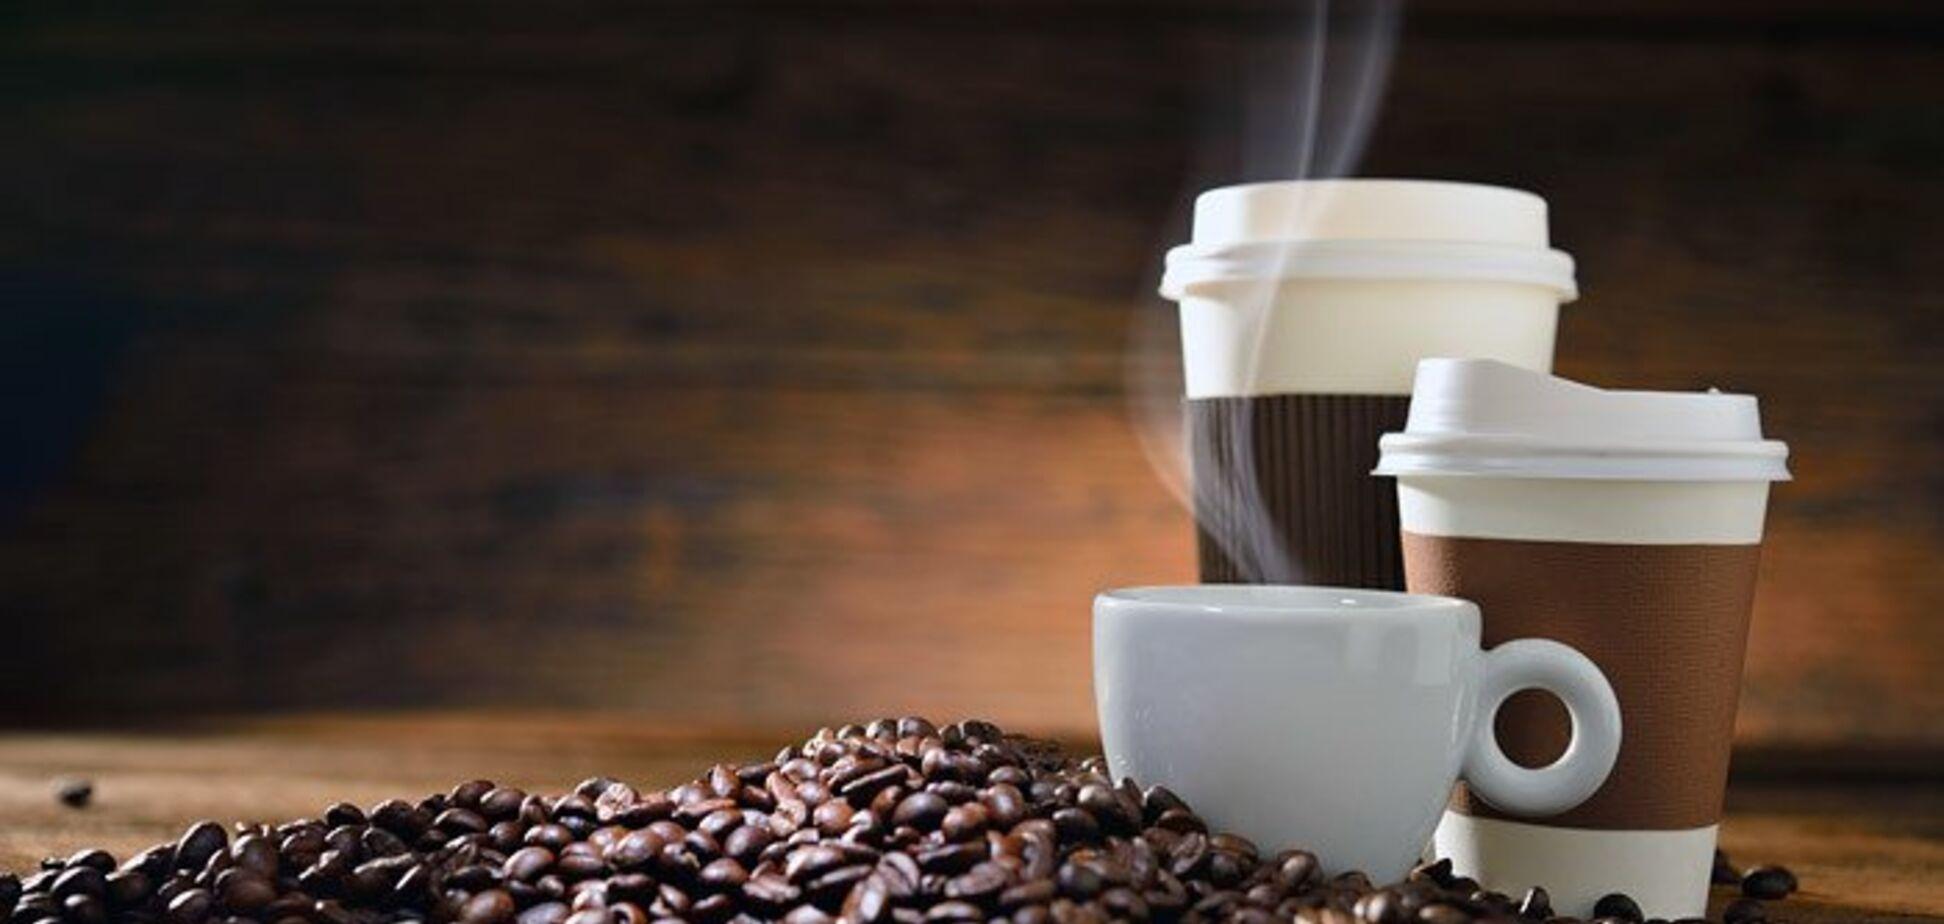 Сколько чашек кофе можно пить без вреда для здоровья?